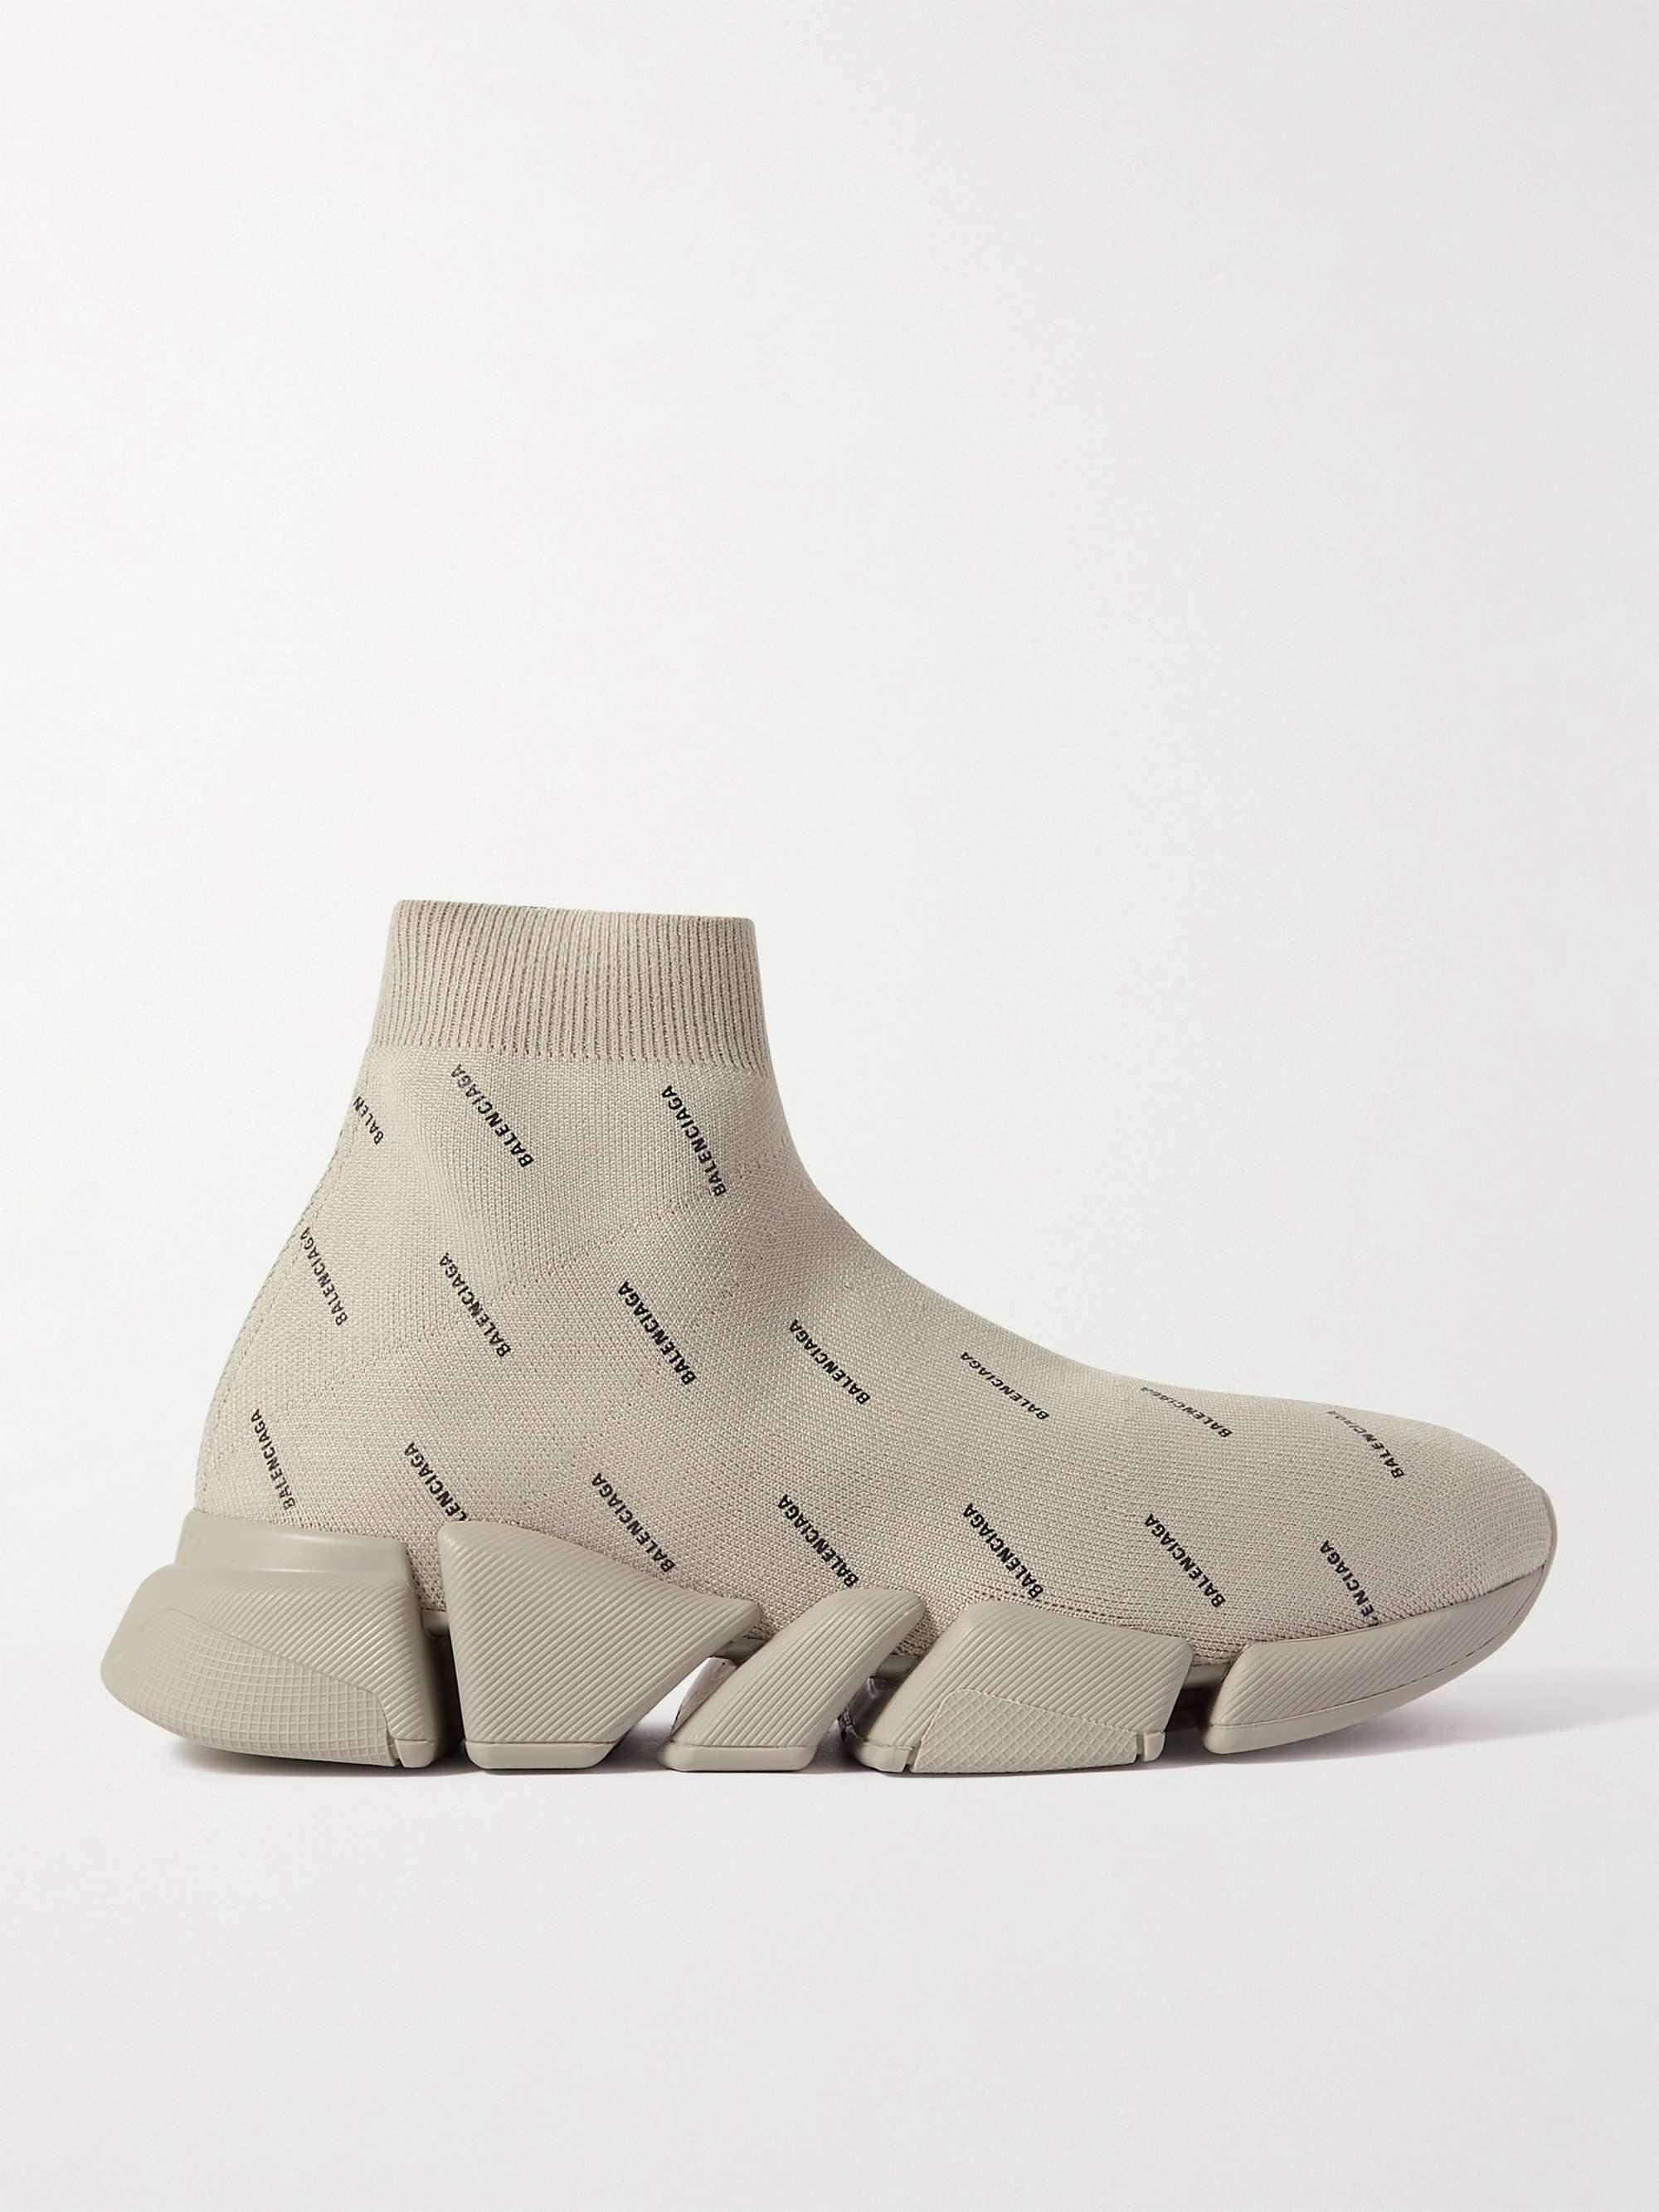 발렌시아가 스피드러너 2.0 남성용 - 그레이 Balenciaga Speed 2.0 Logo-Print Stretch-Knit Slip-On Sneakers,Gray